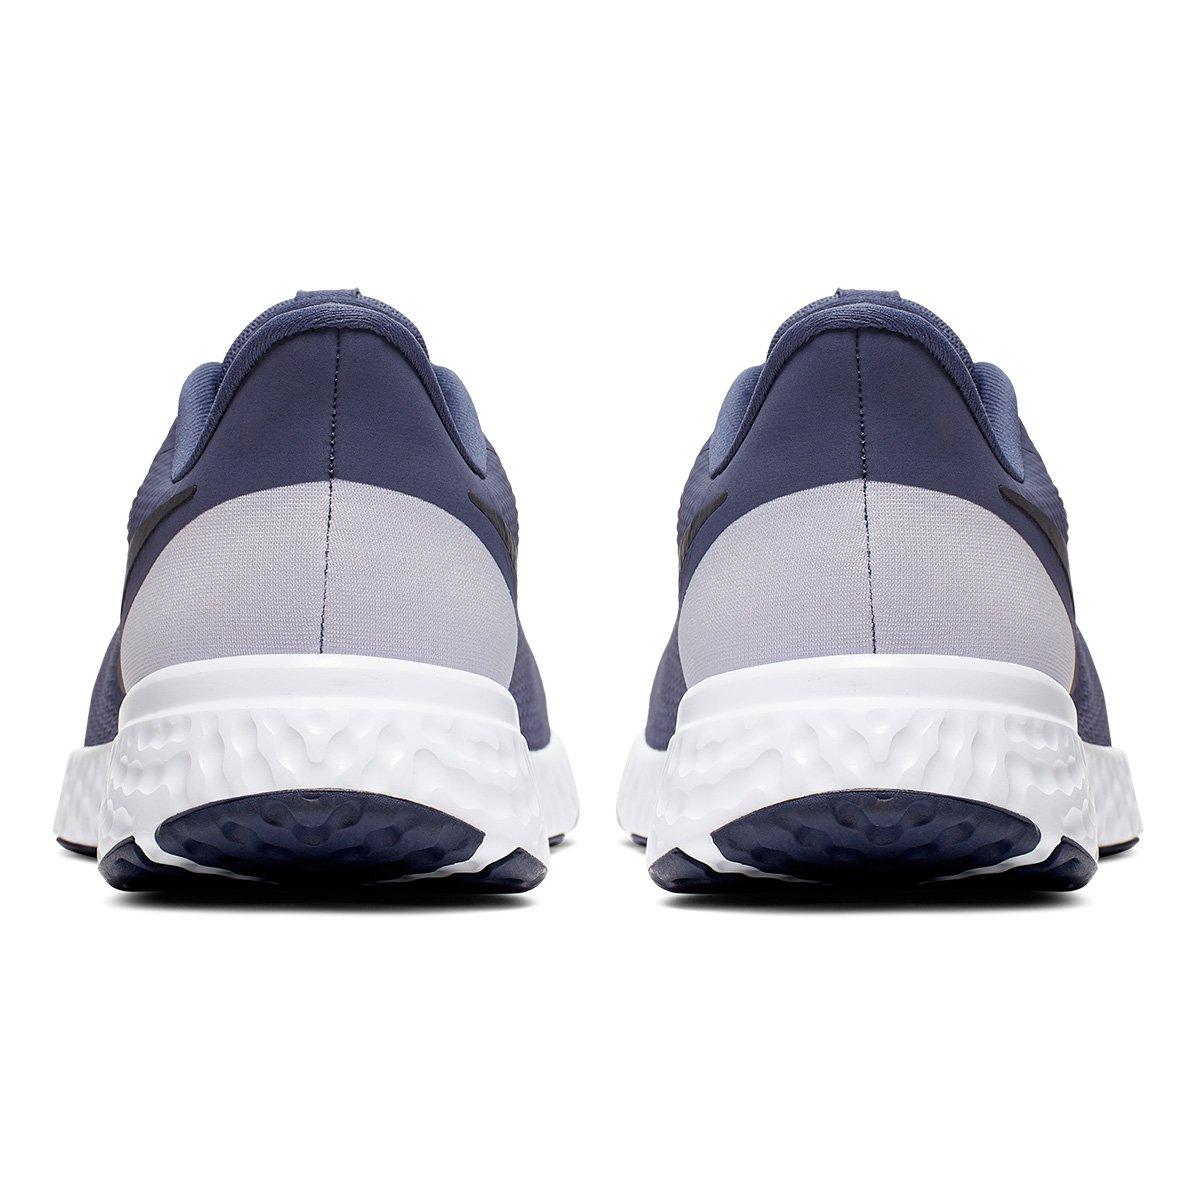 Tênis Nike Revolution 5 Feminino - Tam: 35 - 3